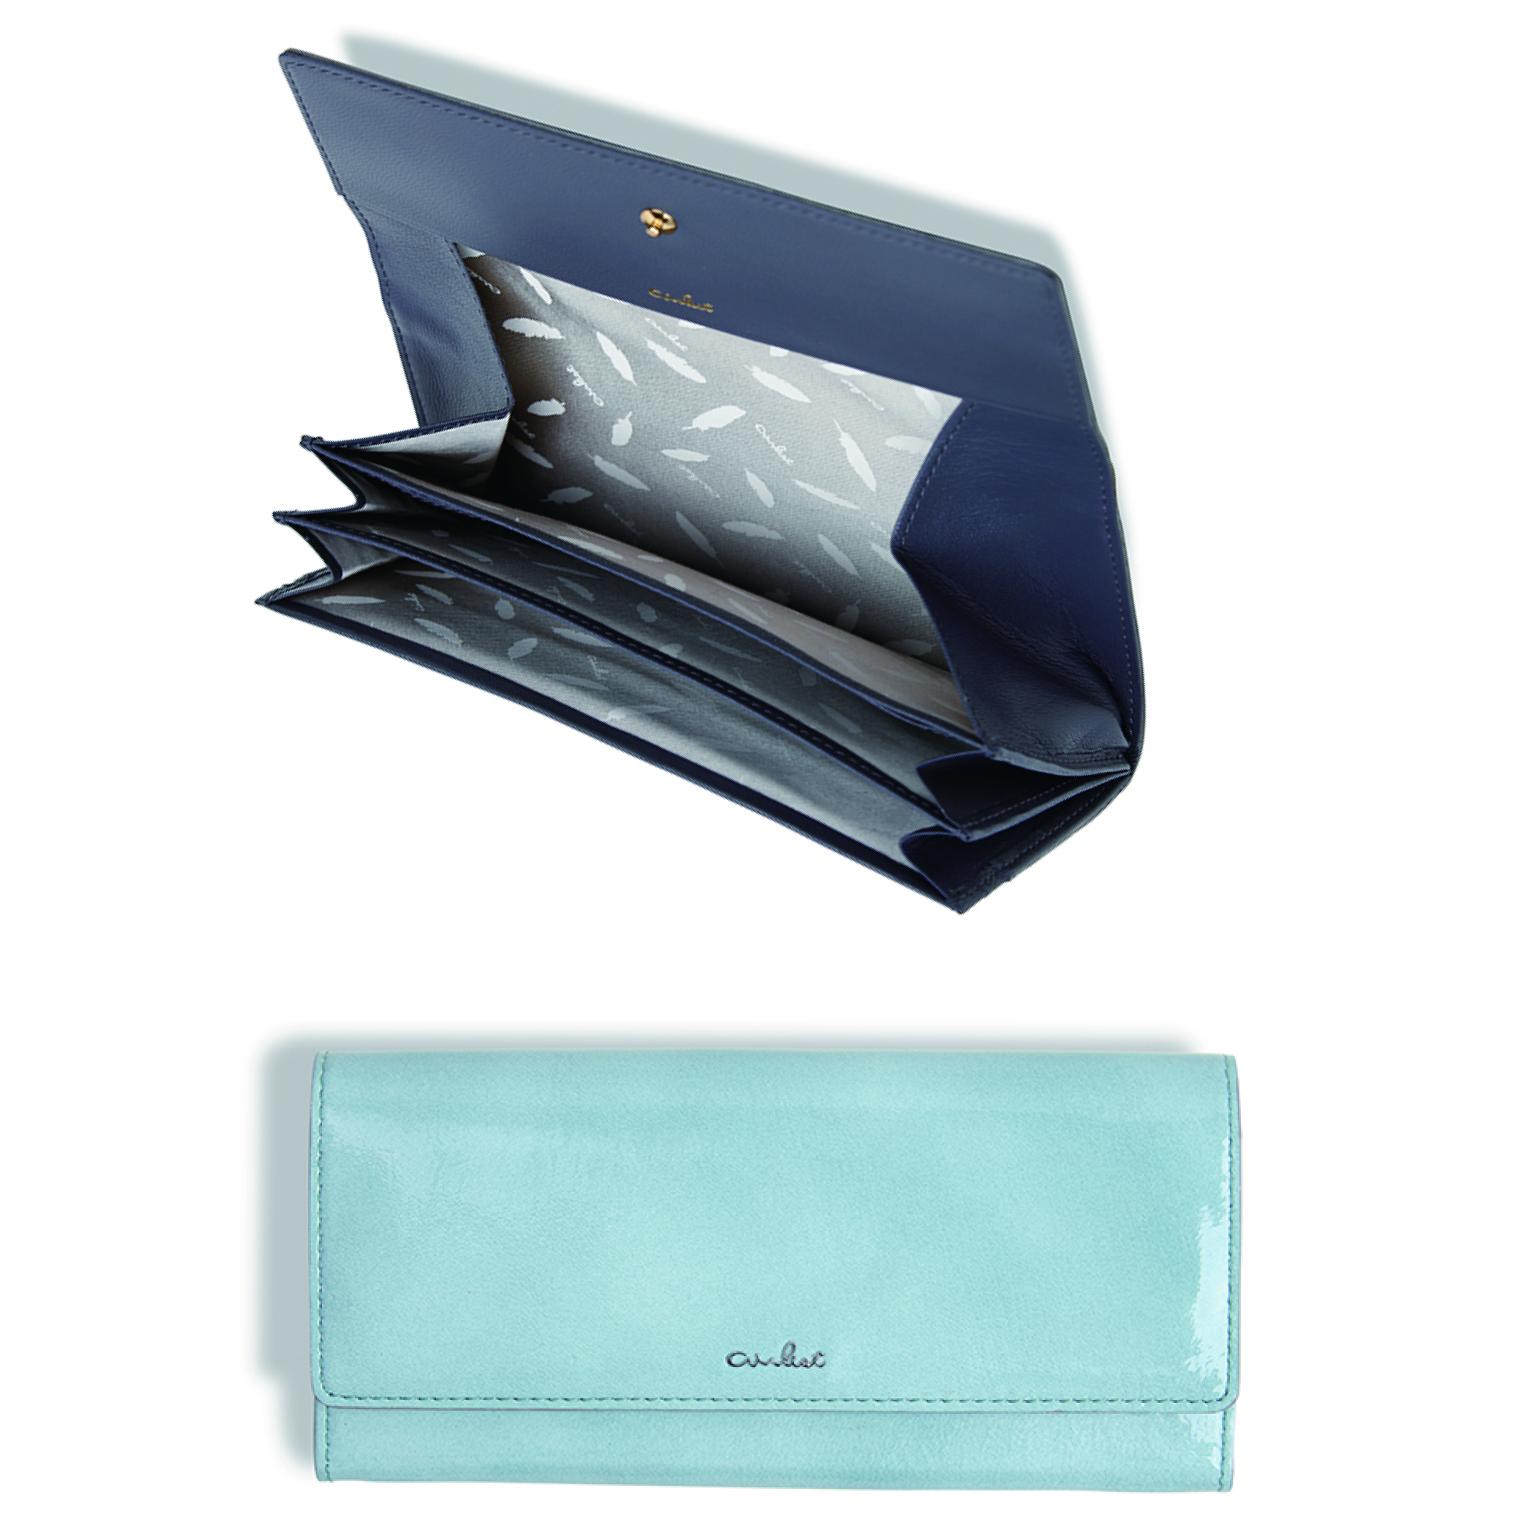 ギャルソン財布 ギャルソン長財布 財布 長財布 軽い財布 薄い財布 エアリスト wallet airlist バレエ